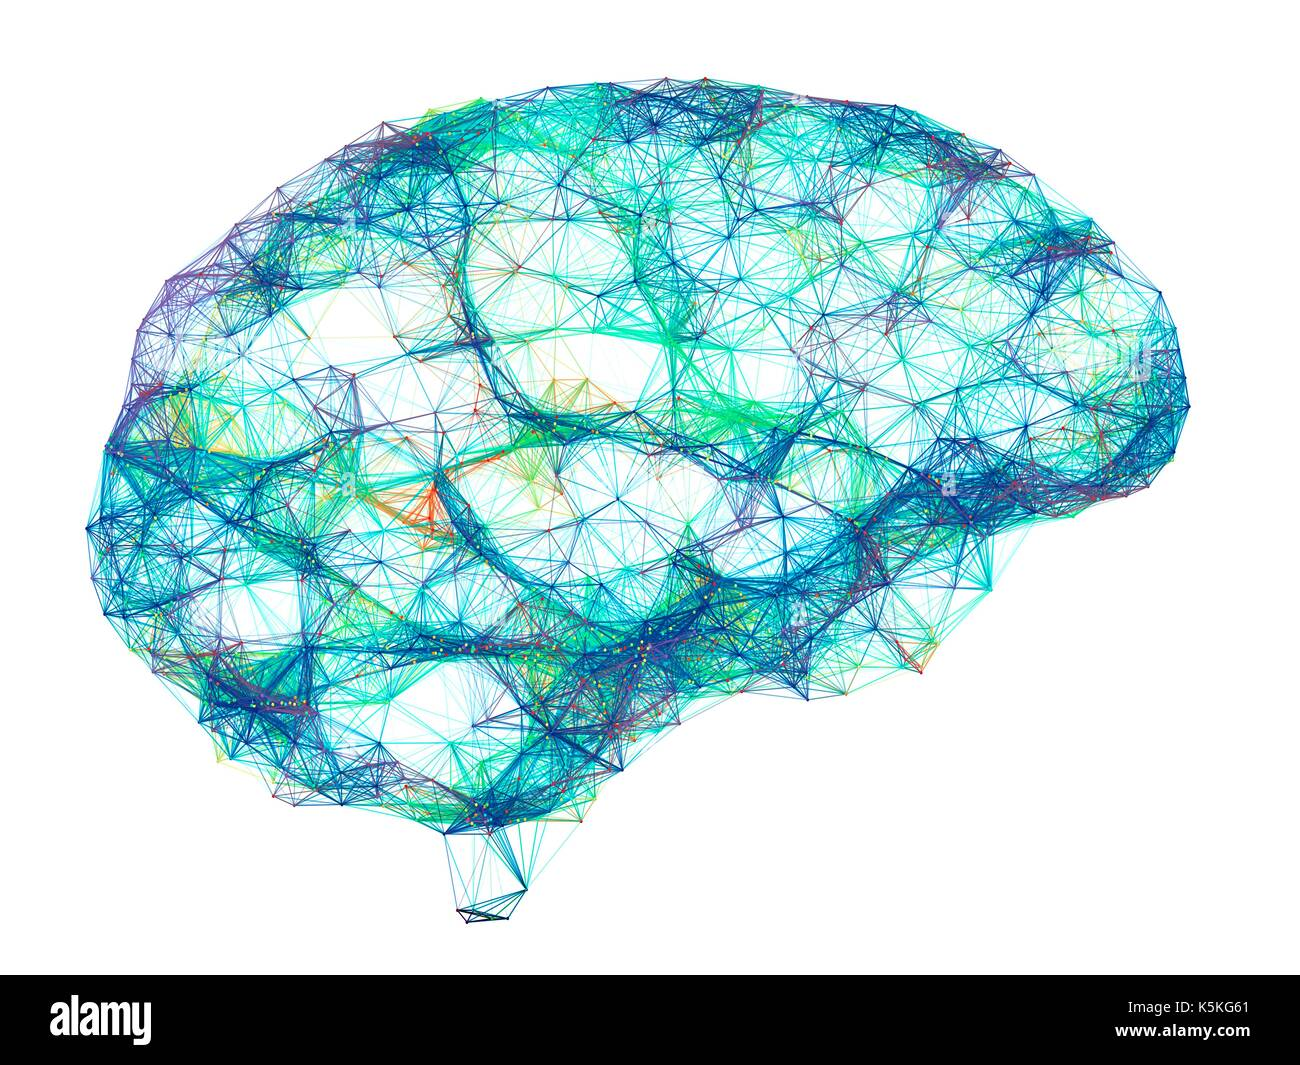 Red neuronal. Equipo de ilustraciones de la red neuronal del cerebro representados por líneas y puntos. Una red neuronal se compone de células nerviosas (neuronas). Imagen De Stock